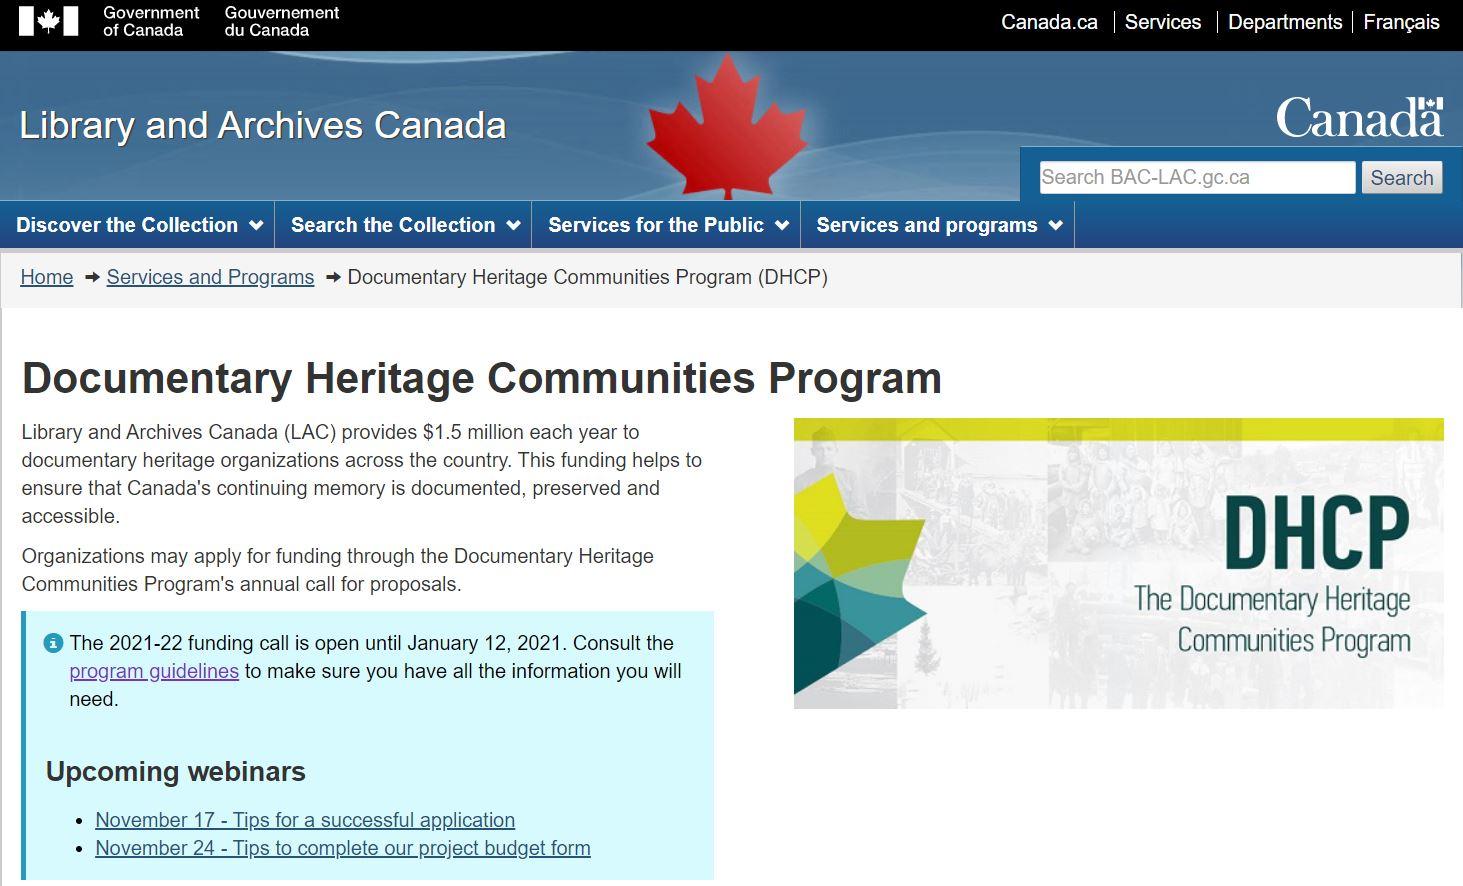 加拿大國家檔案館推出2021-2022年文獻資產社區計畫